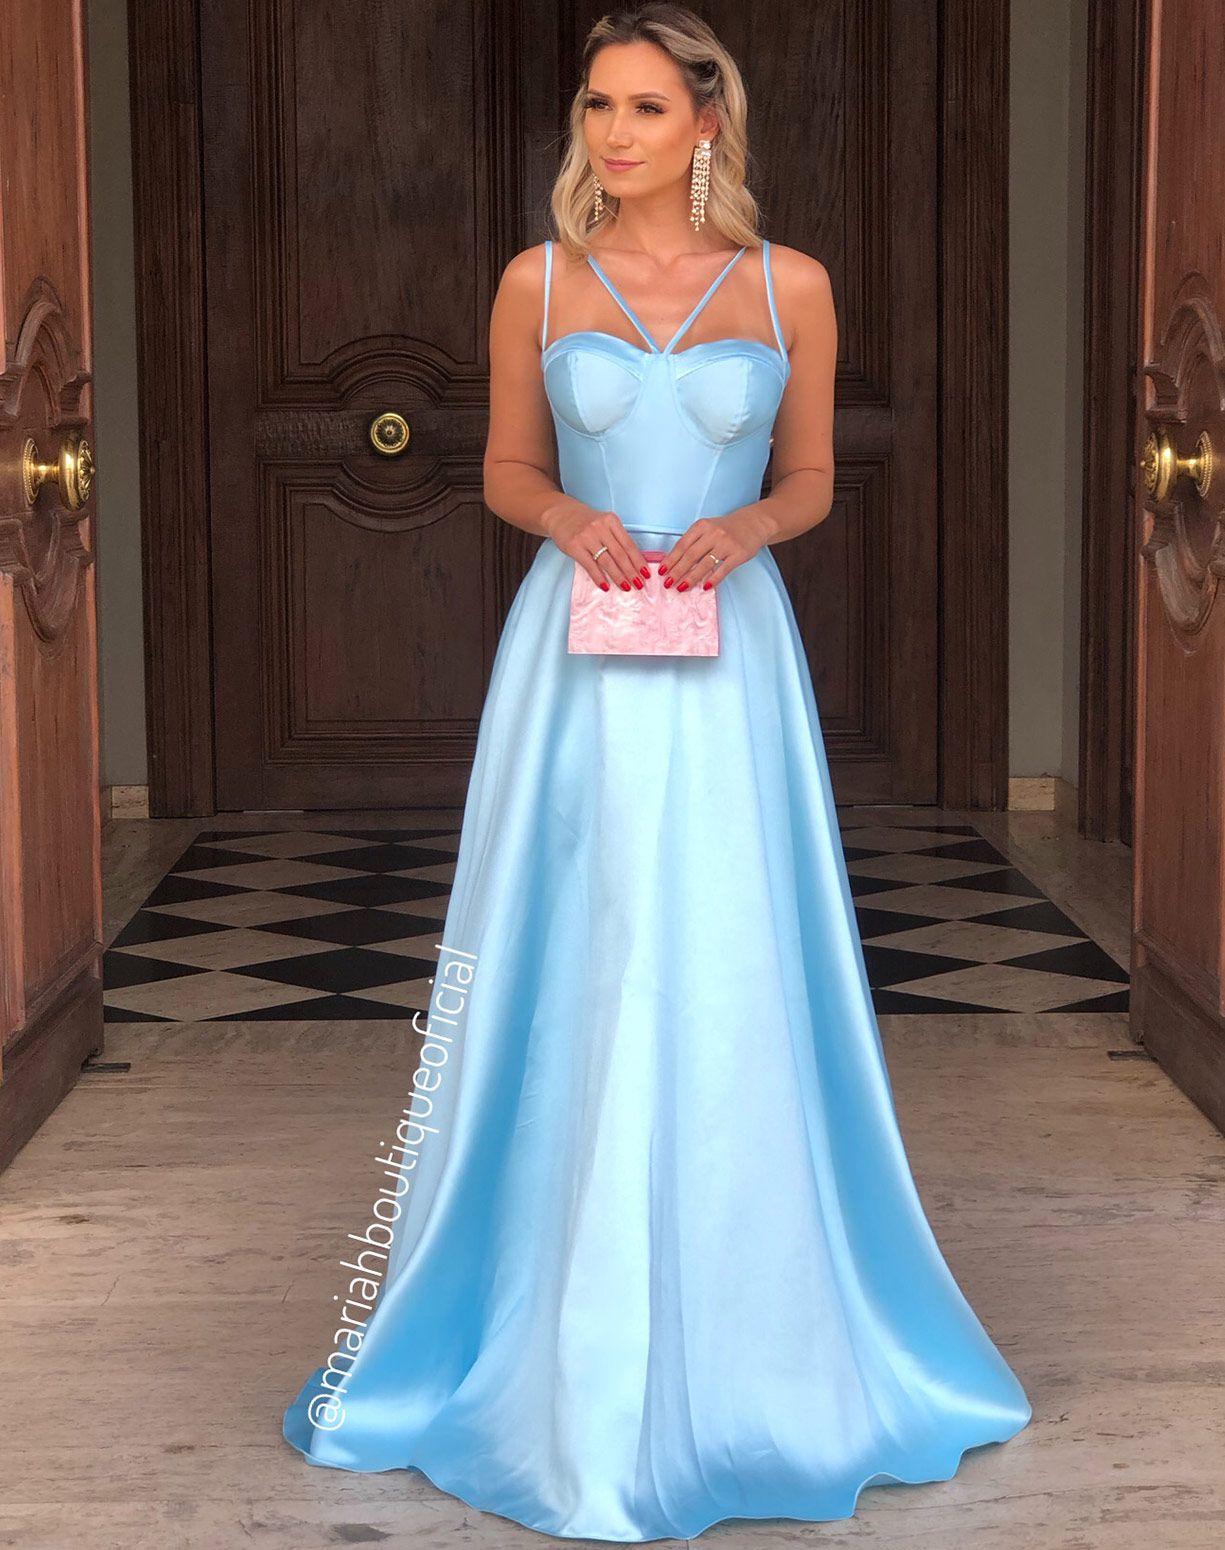 Vestido Azul Serenity Corpete em Zibeline